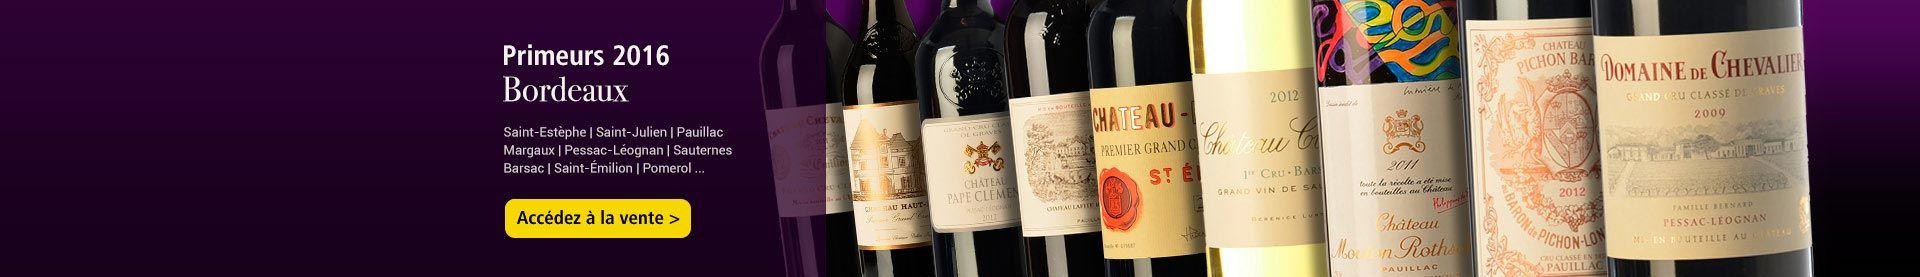 Primeurs 2016 Bordeaux